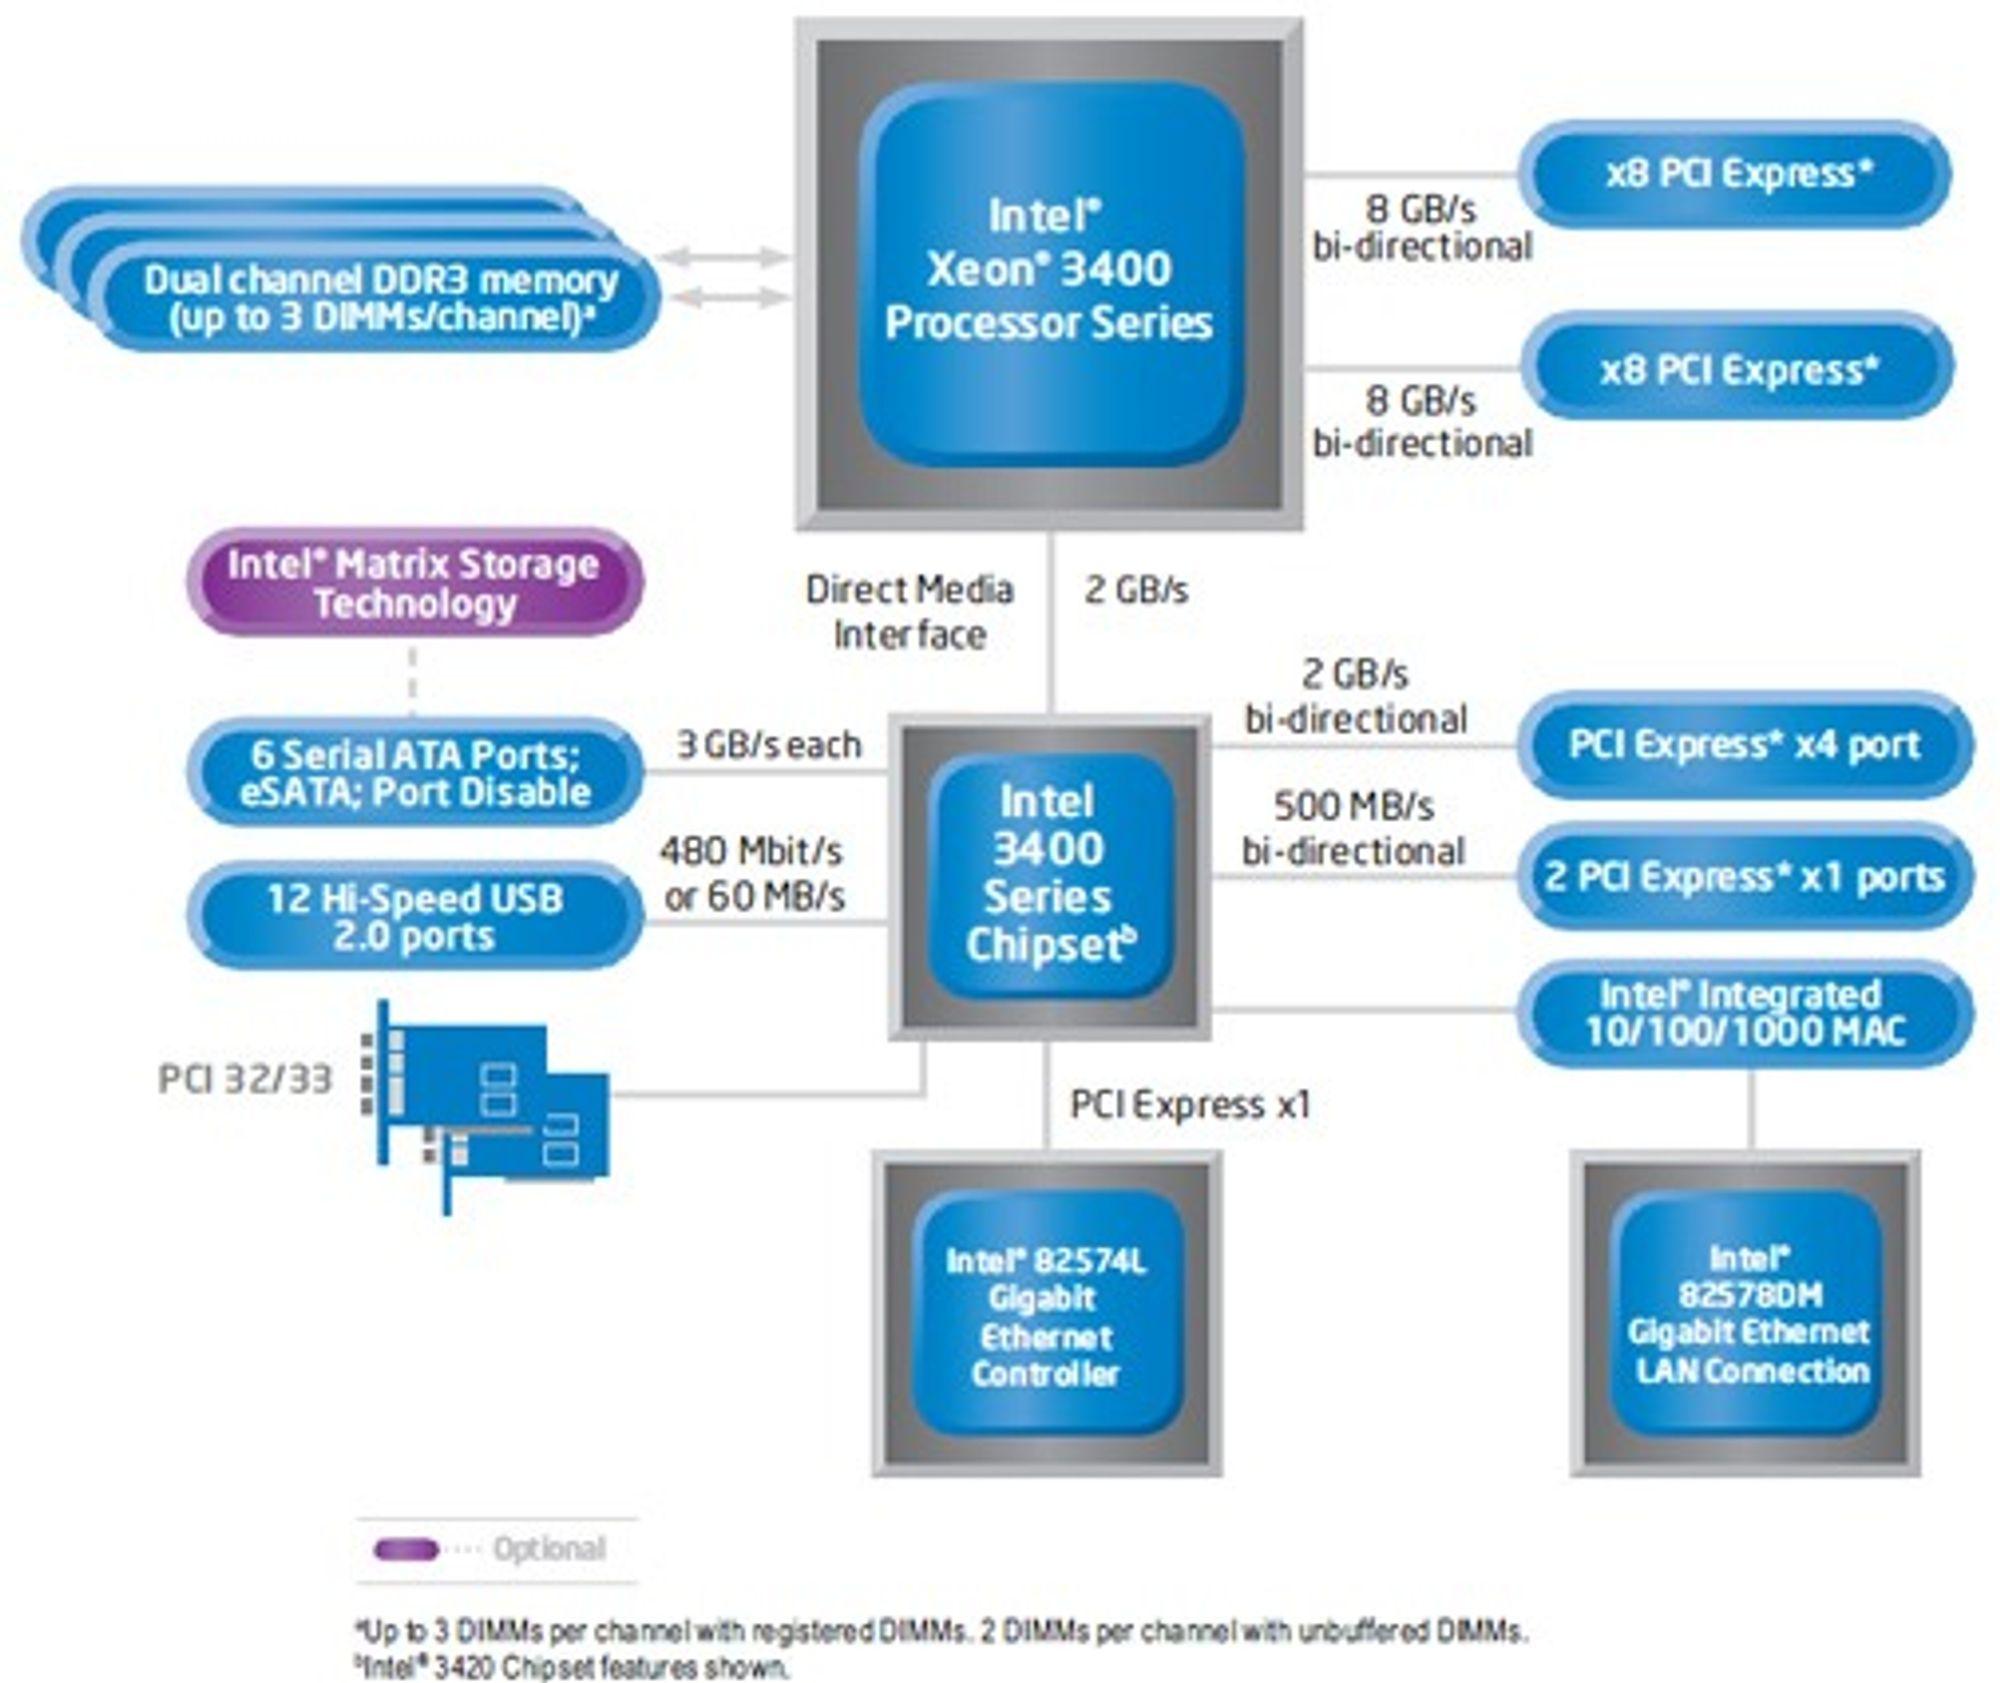 Blokkdiagram over serverarkitektur basert på Intel 3400-serien med Xeon-prosessorer og brikkesett.